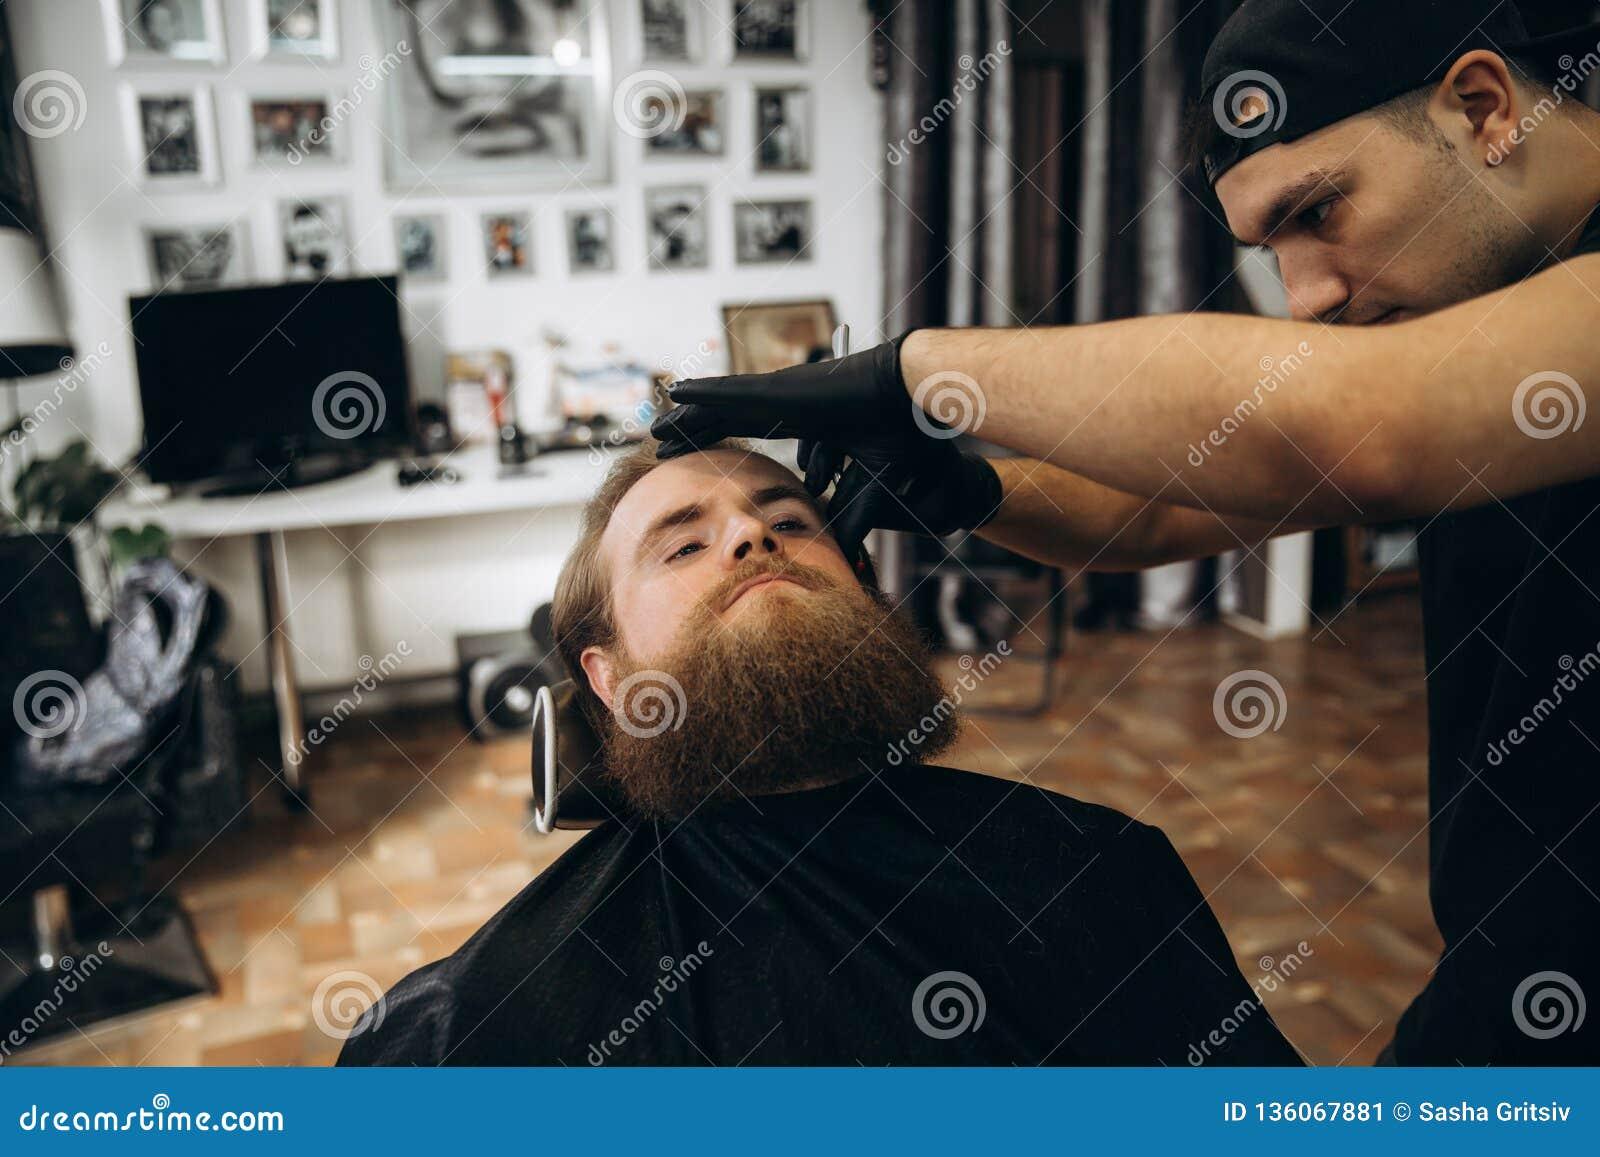 Gebaarde mens met lange baard die het modieuze haar scheren, kapsel, met scheermes krijgen door kapper in herenkapper